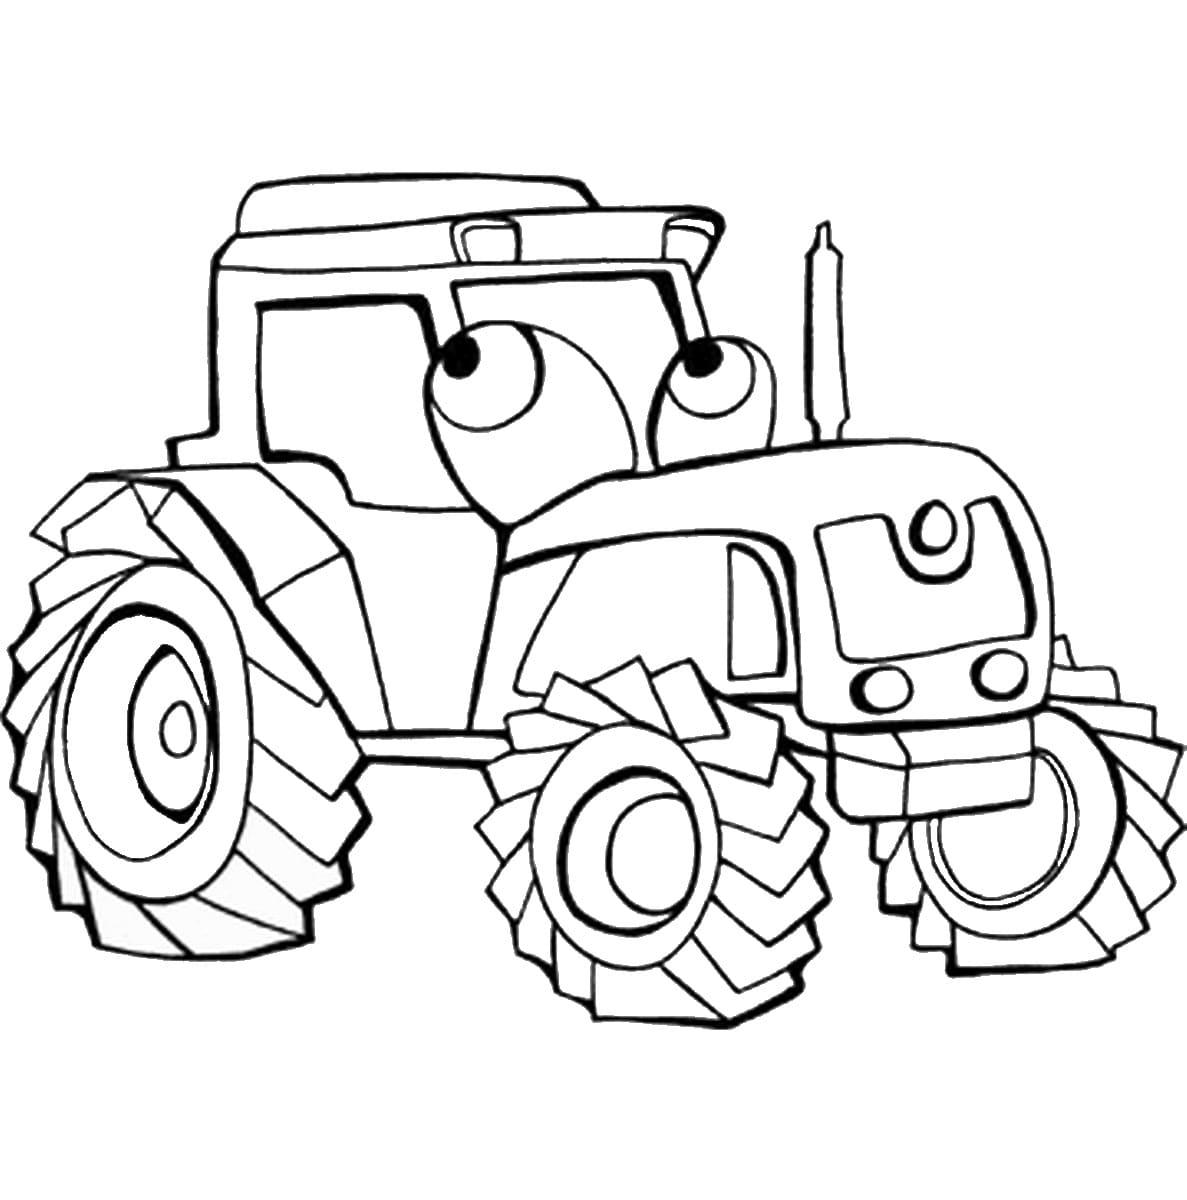 Ausmalbilder Traktor  21 Malvorlagen Kostenlos zum Ausdrucken